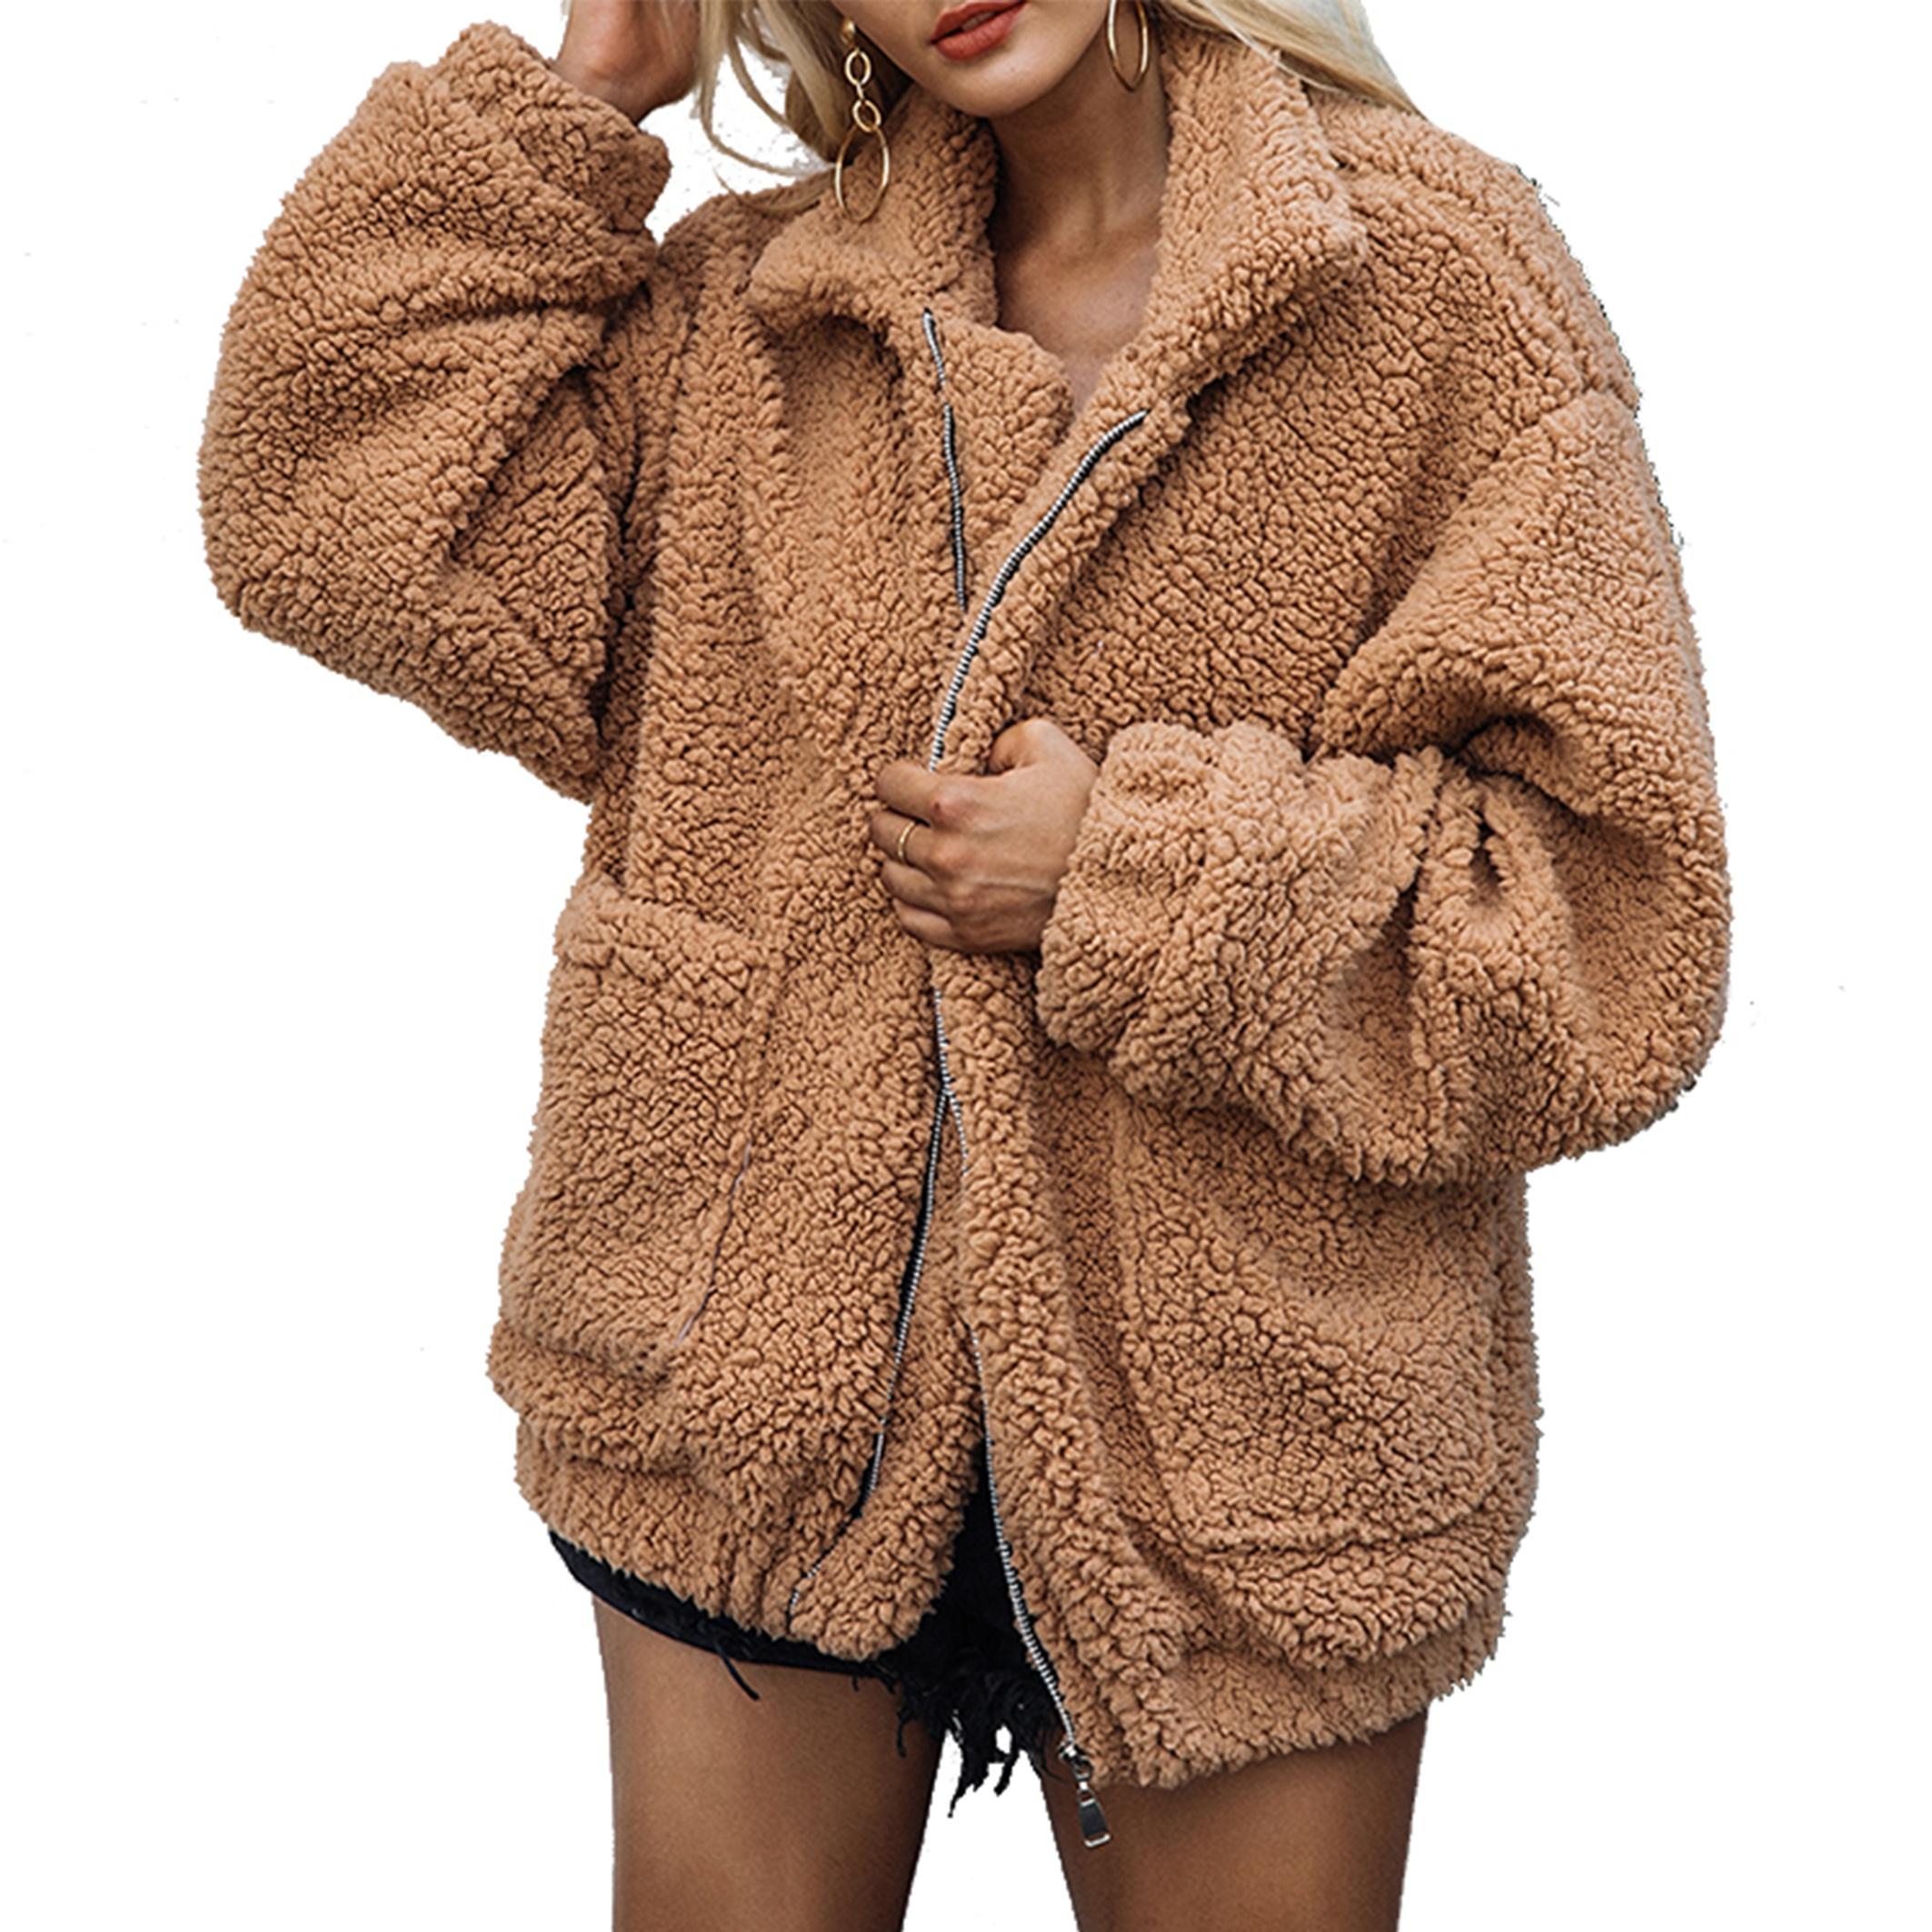 Die Großhandel Jacke Kaufen Bärenfell Sie Besten doxCeWrB